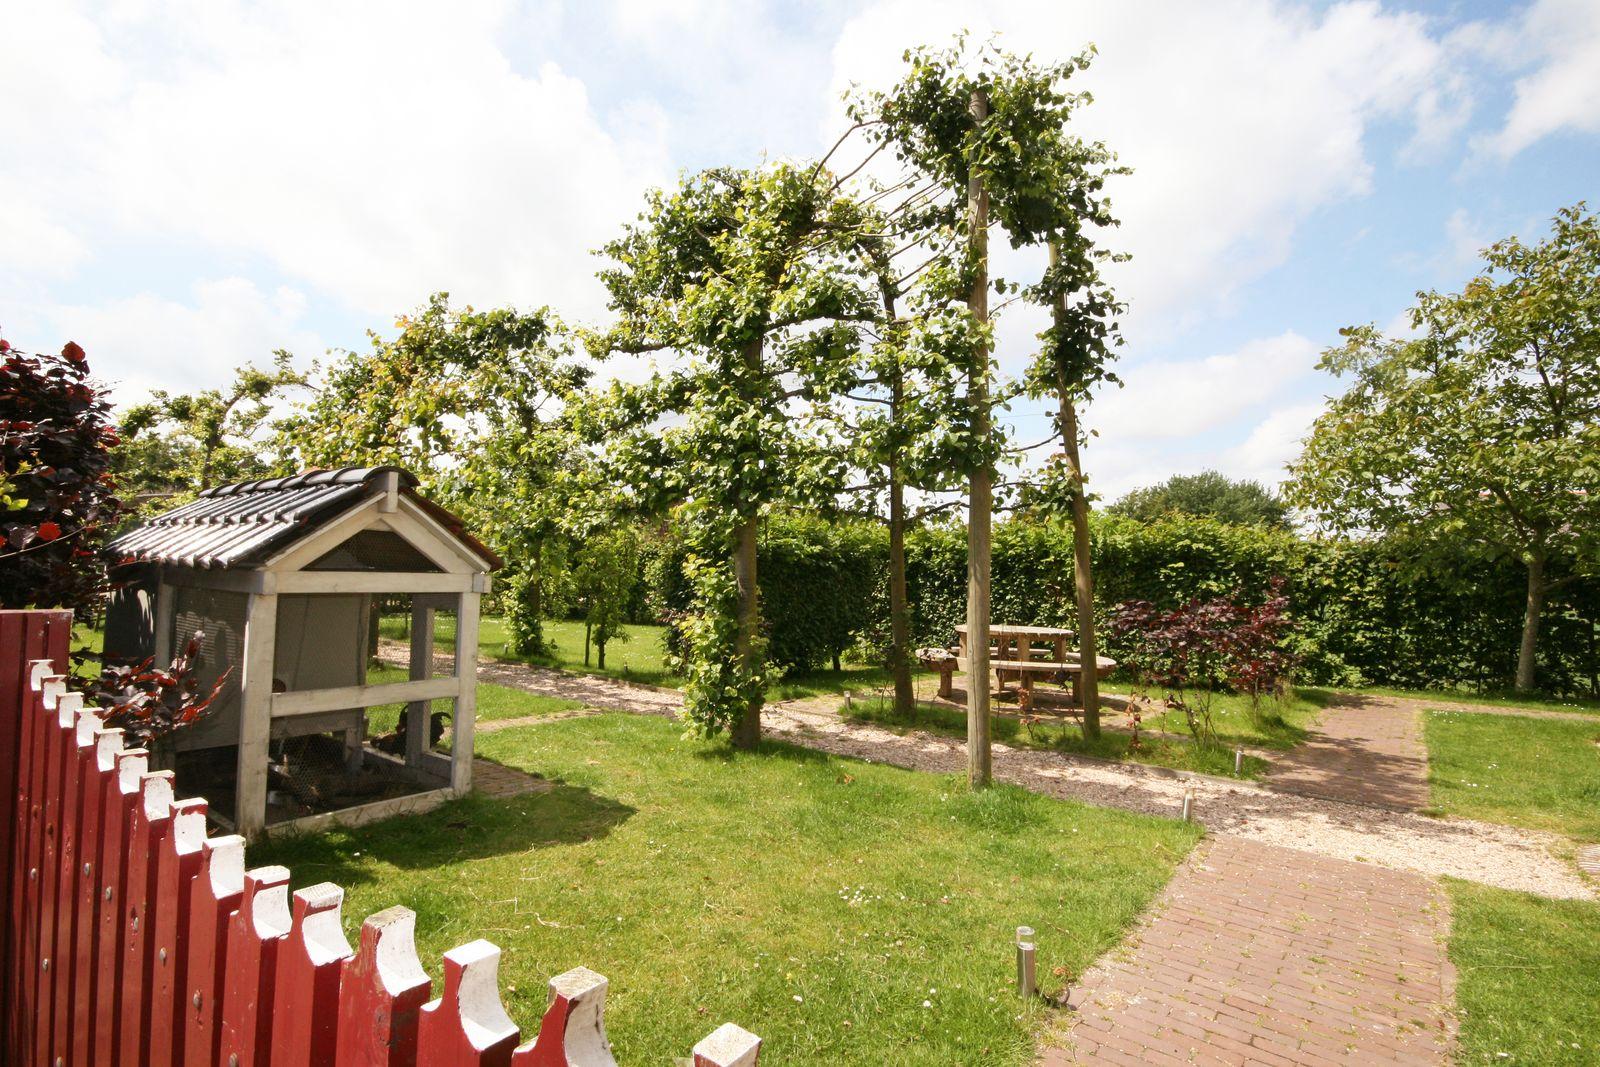 Afbeelding van Dorpskerk - bijzonder vakantieadres in Friesland